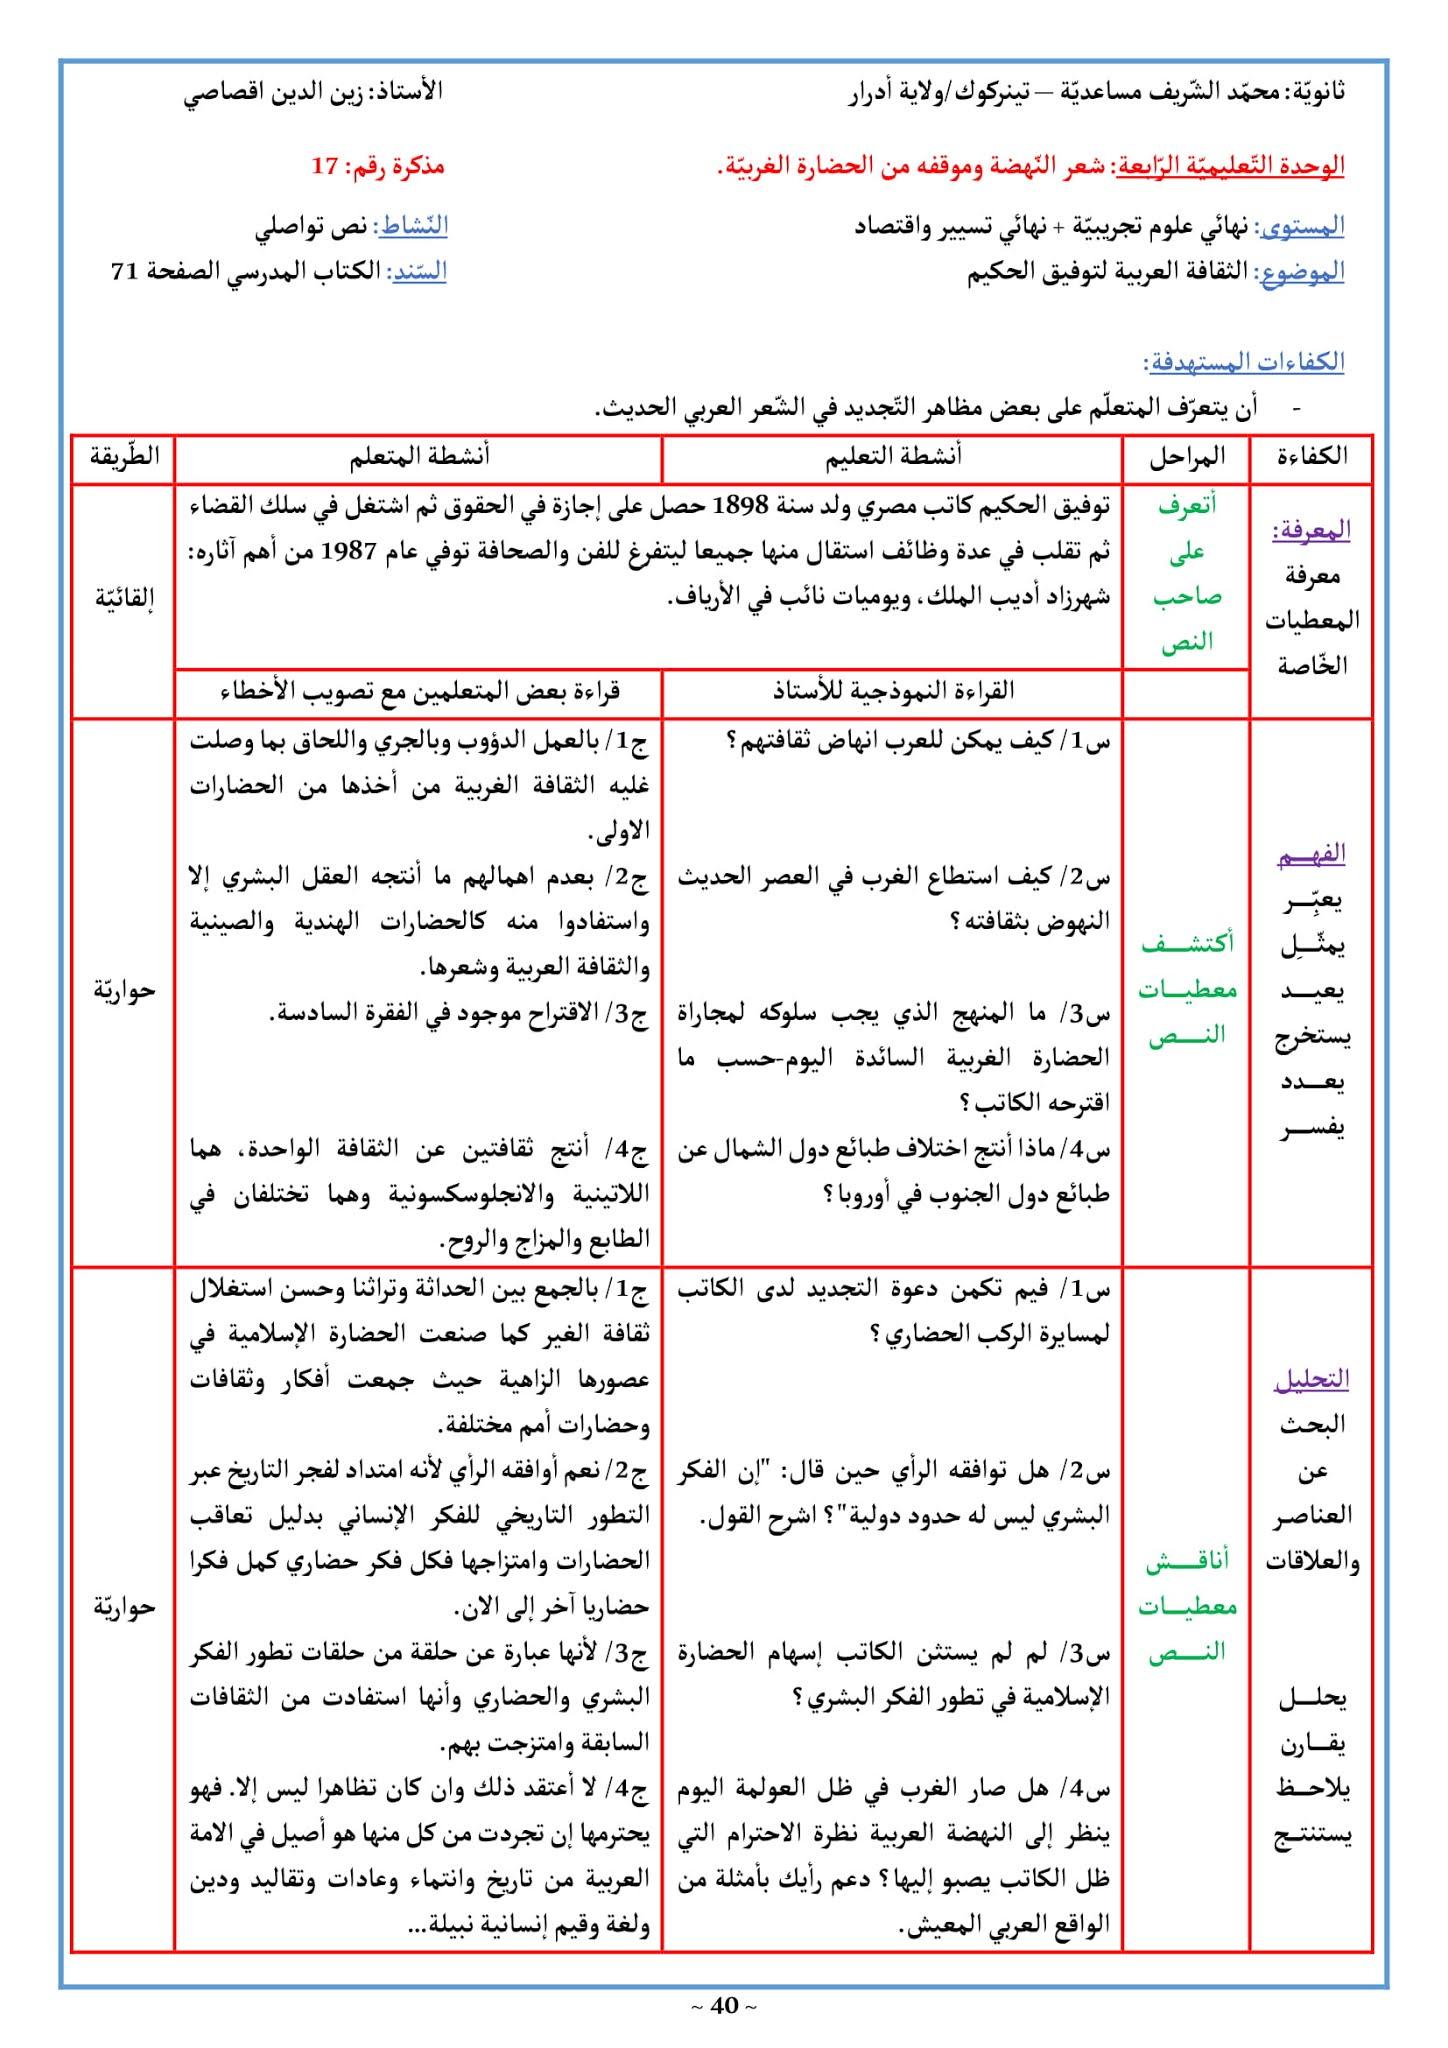 تحضير نص الثقافة العربية 3 ثانوي علمي